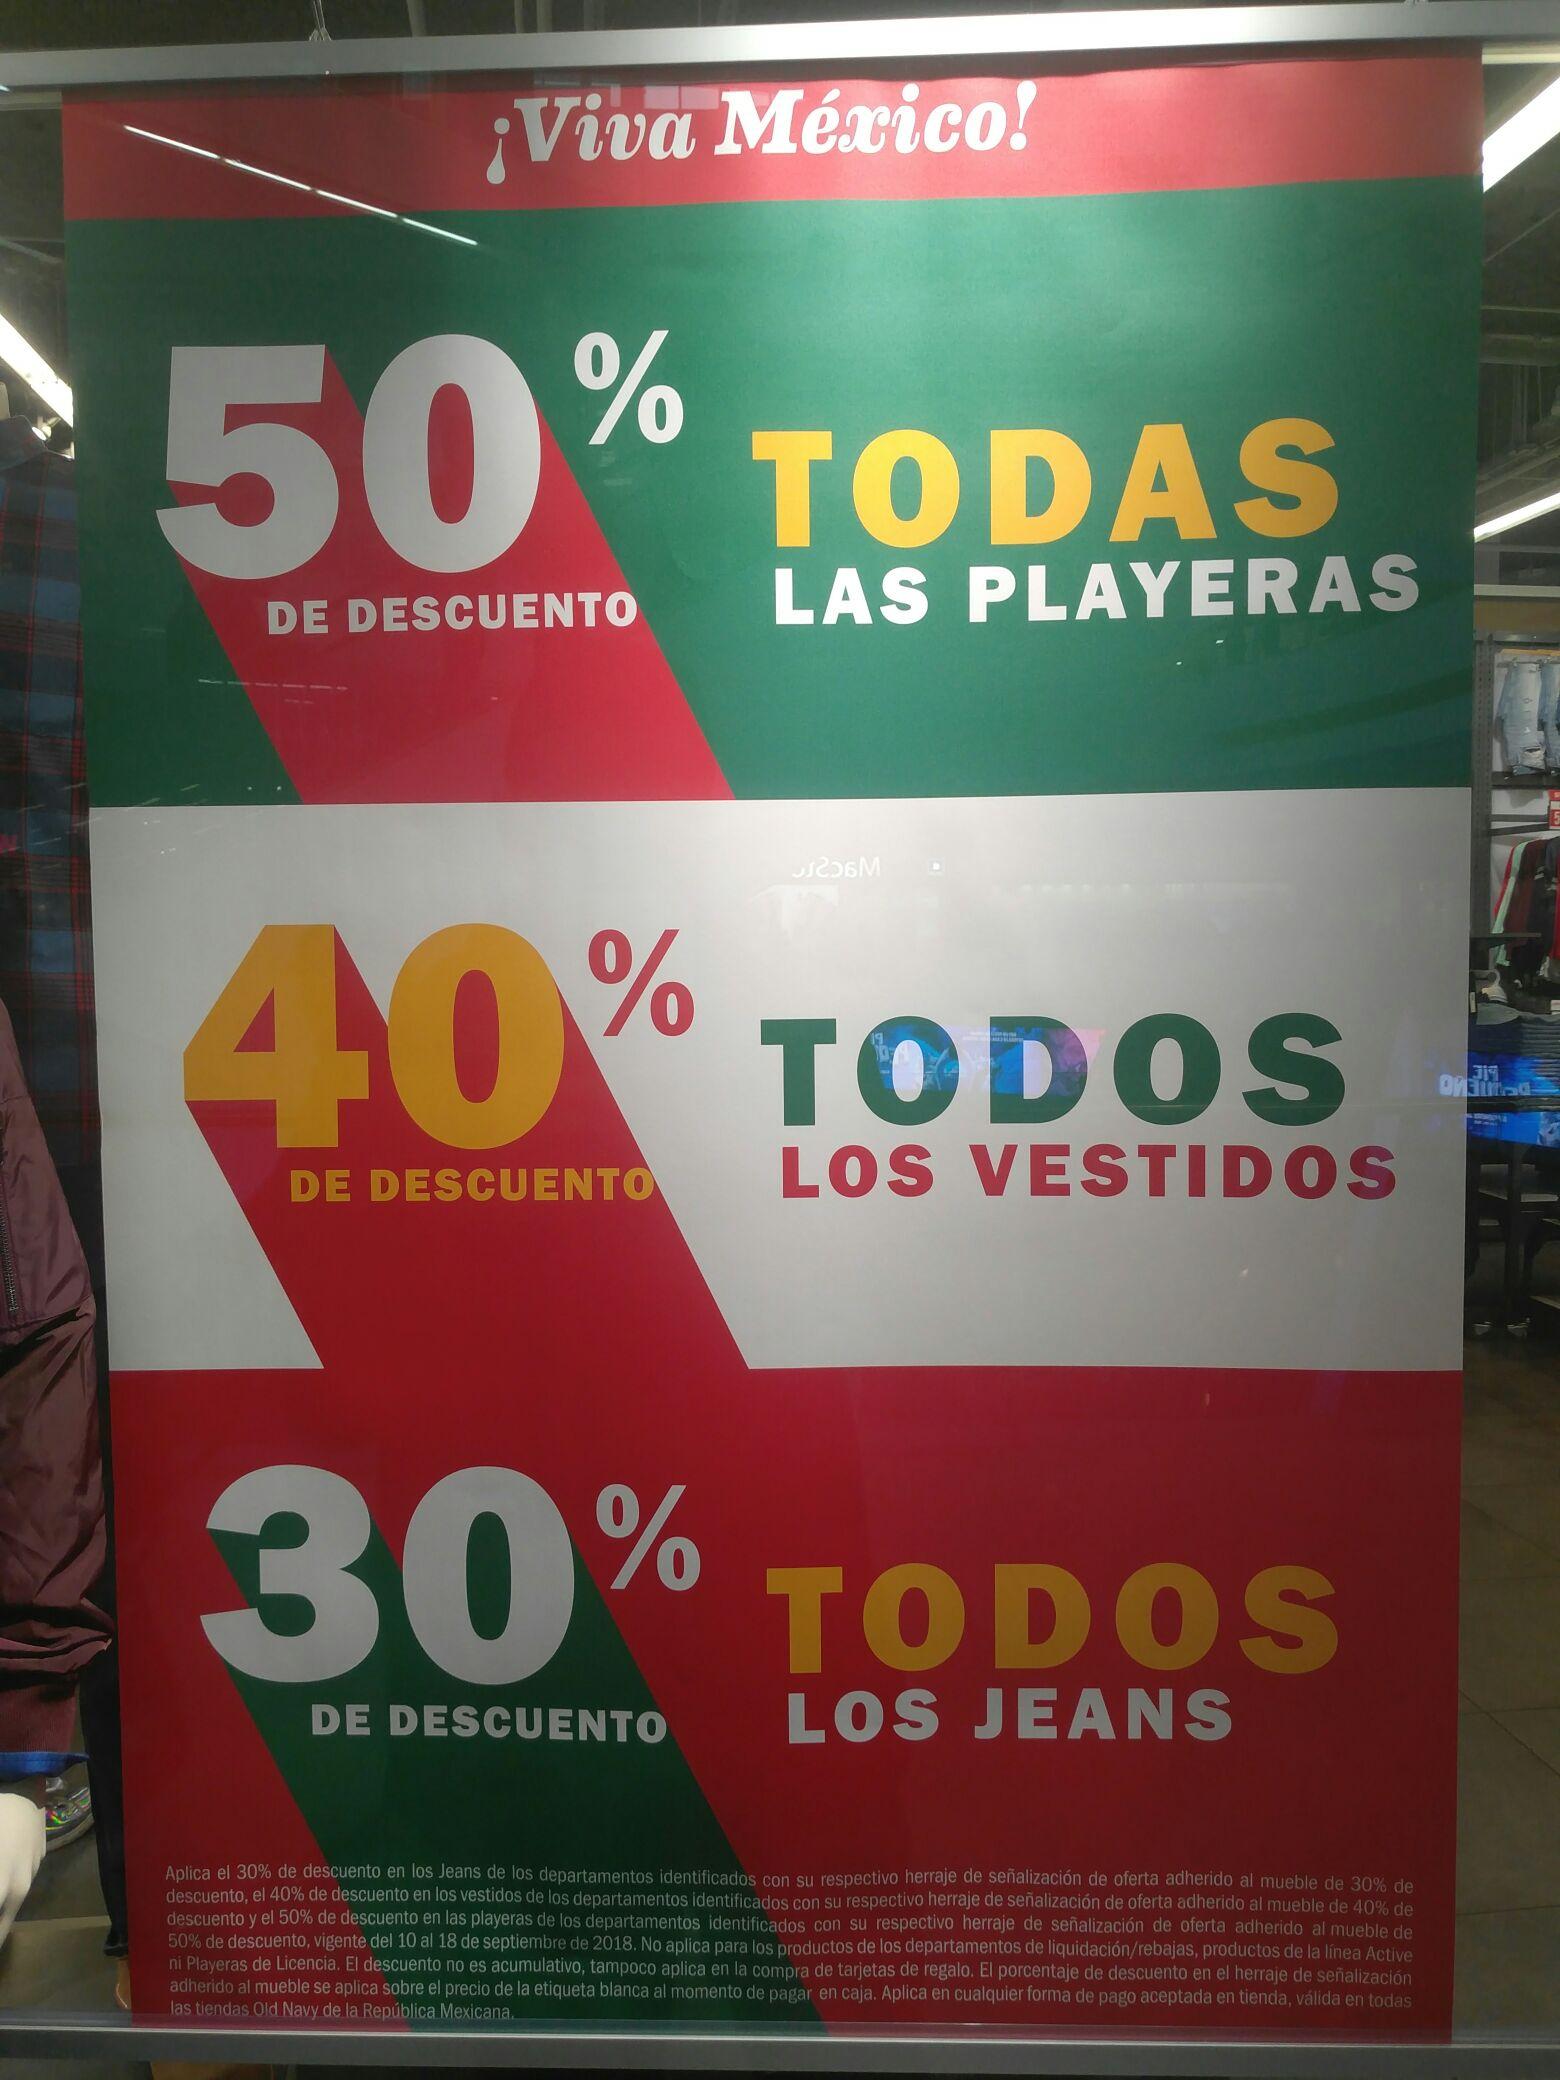 OLD NAVY Forum Buenavista: Promociones hasta 50% de descuento